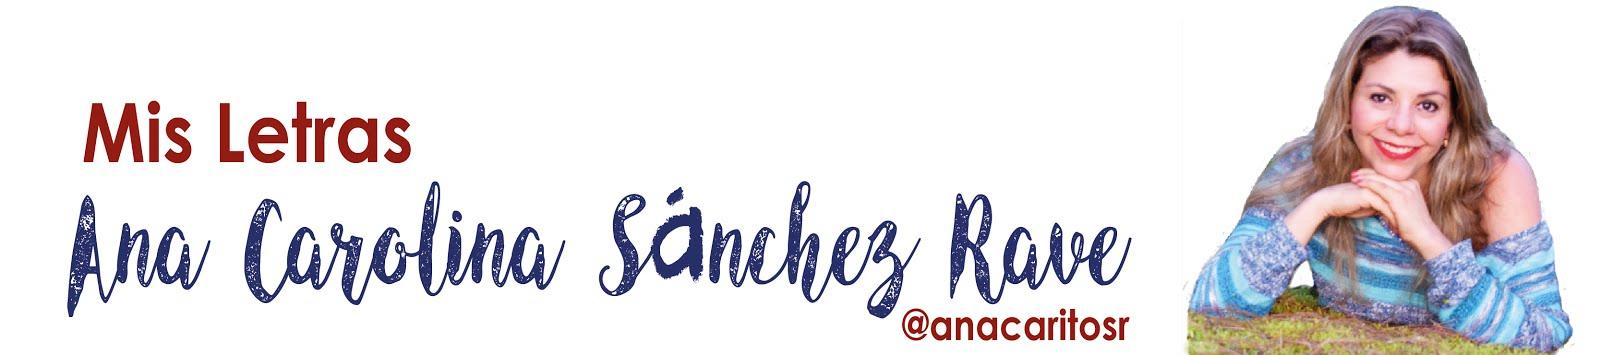 Mis Letras